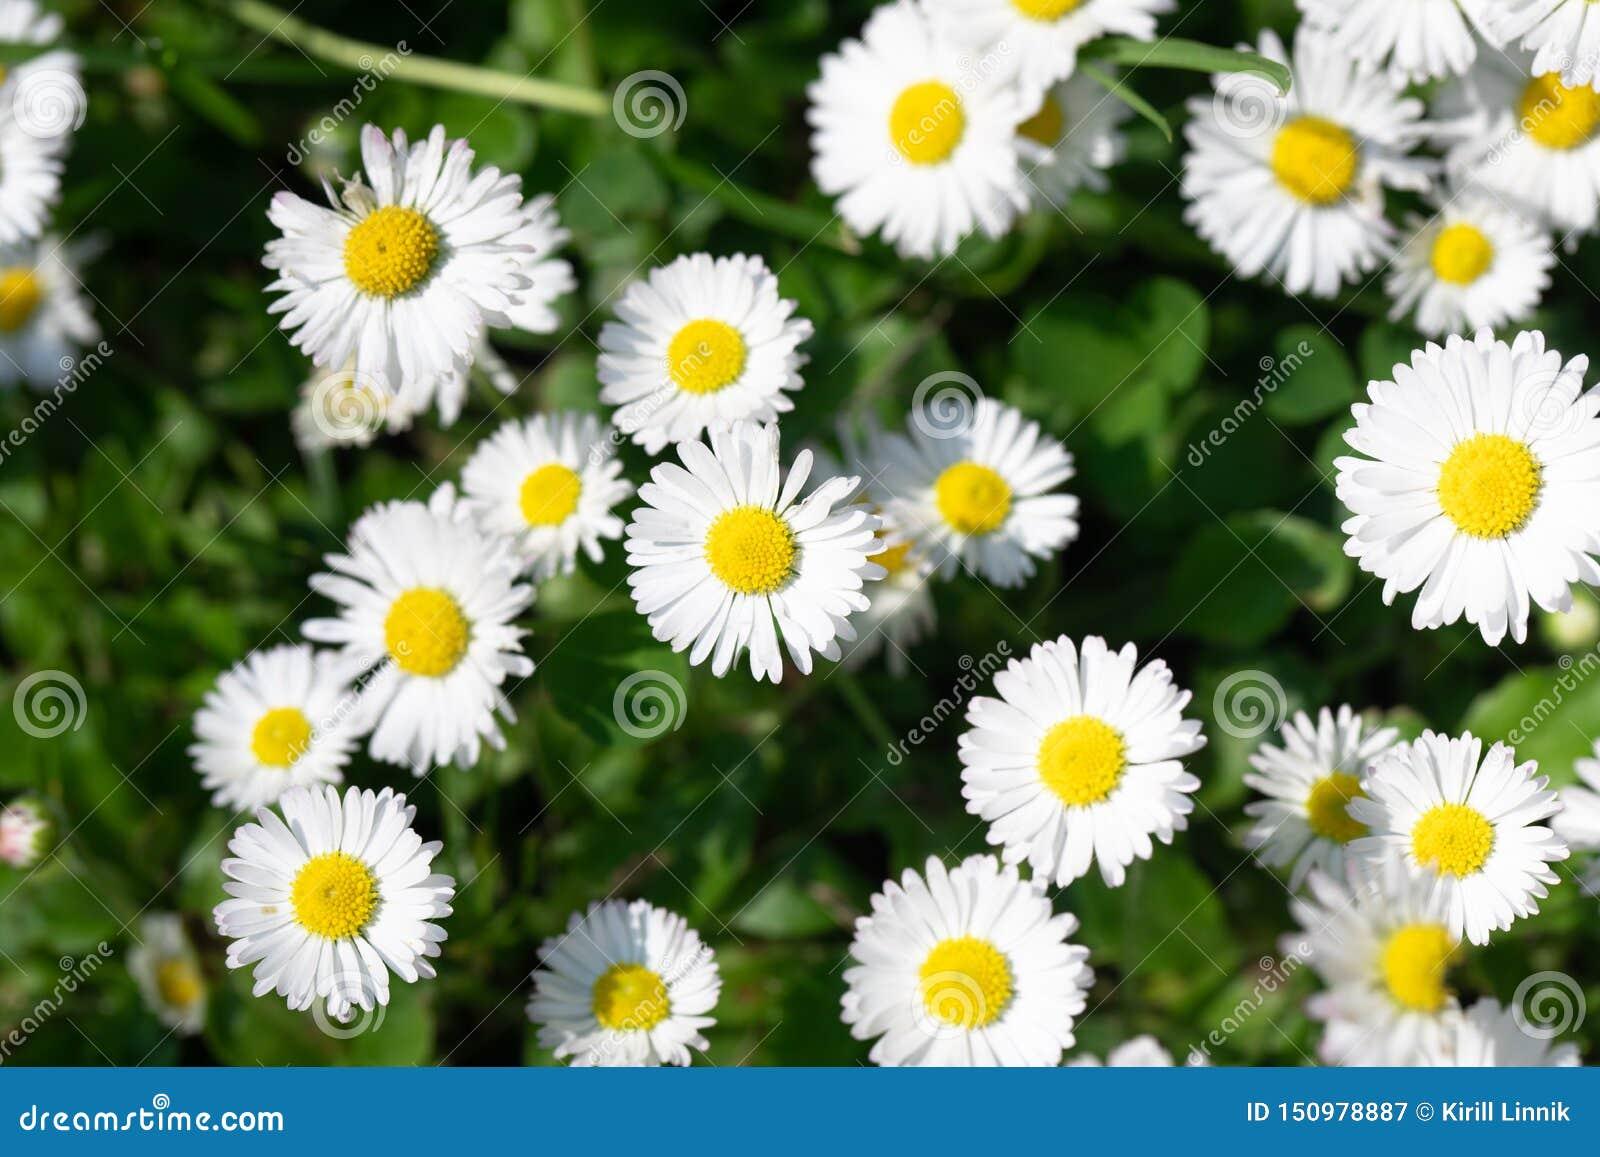 Summer daisys